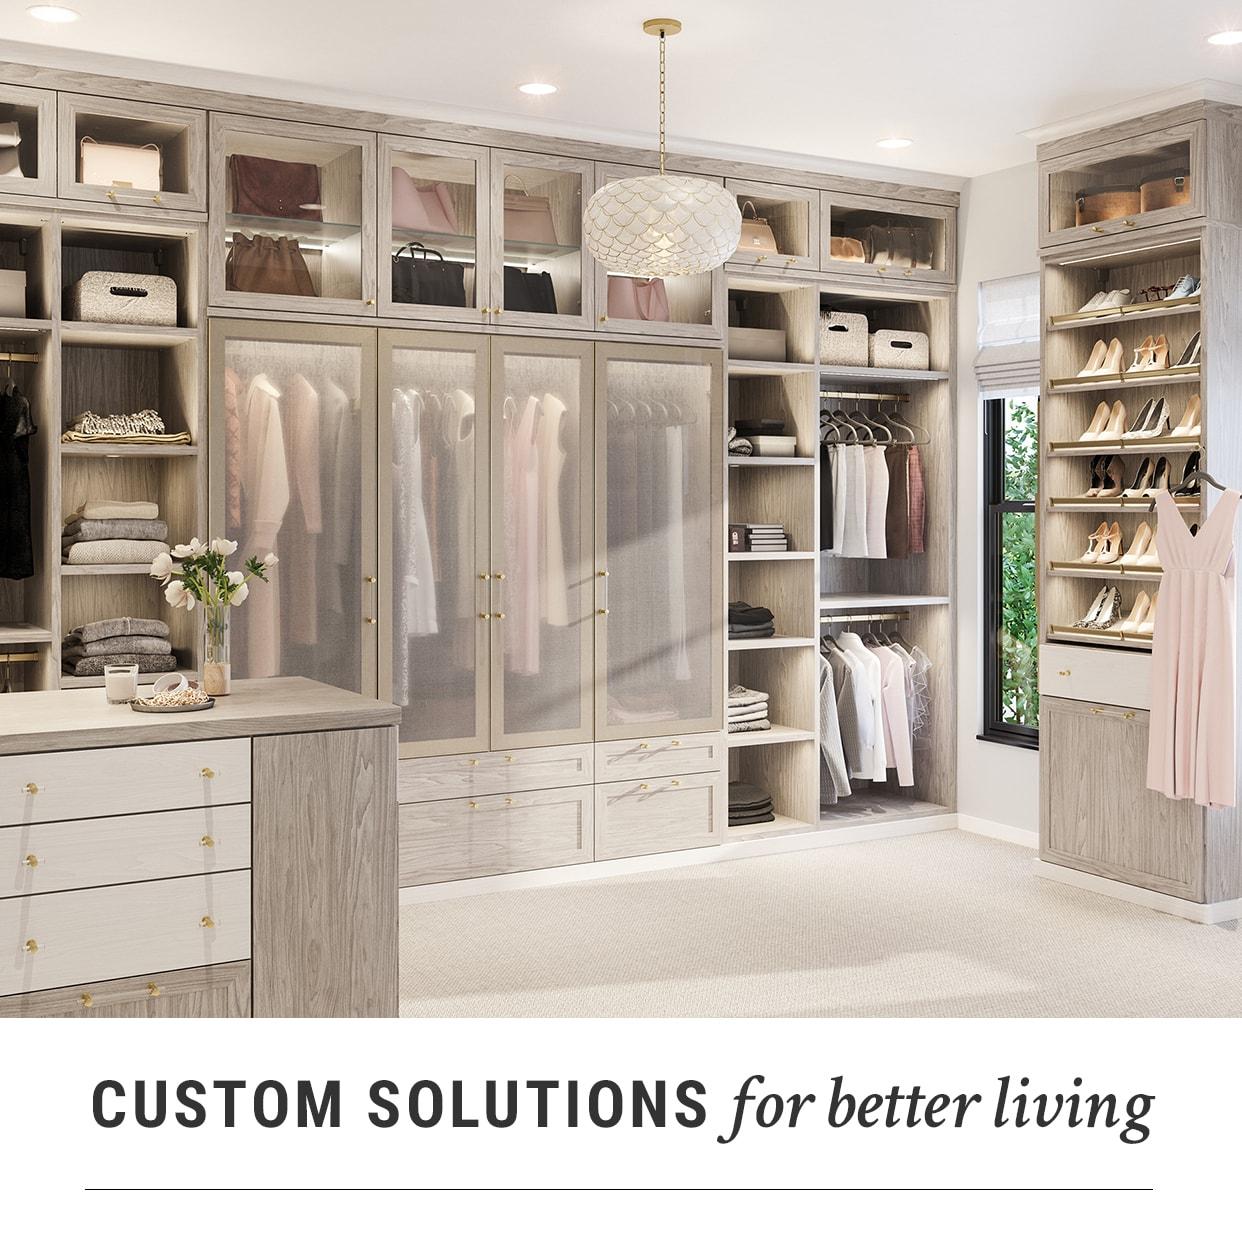 Custom Closet Systems, Home Storage & Closet Designs | California ...